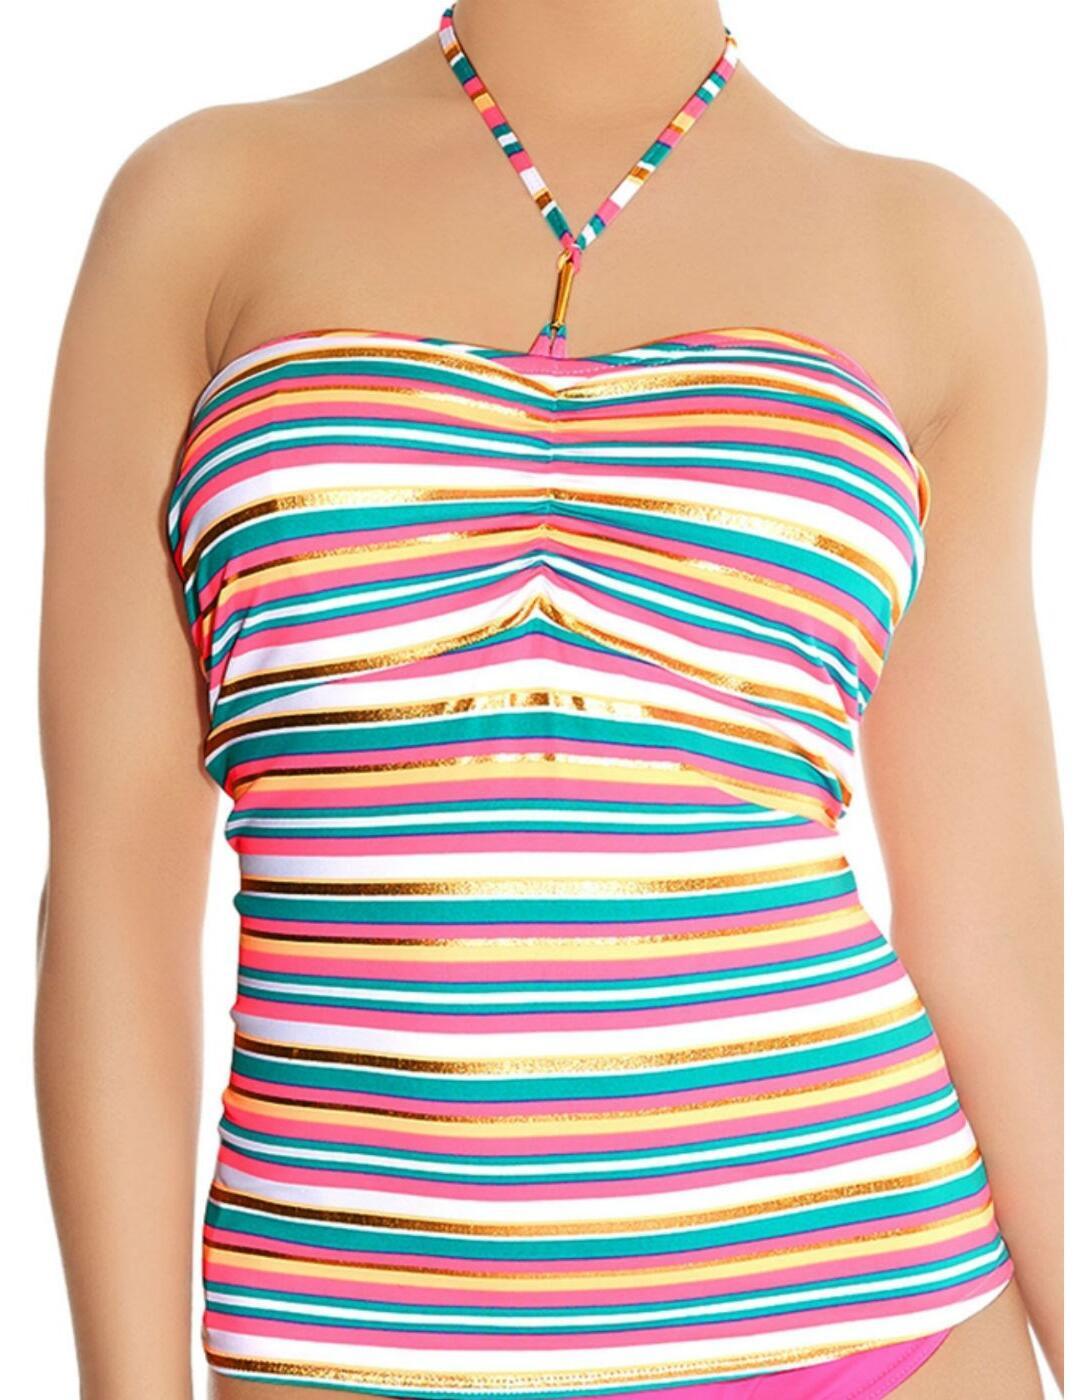 3419 Freya Beach Candy Padded Tankini Top - 3419 Tankini Top